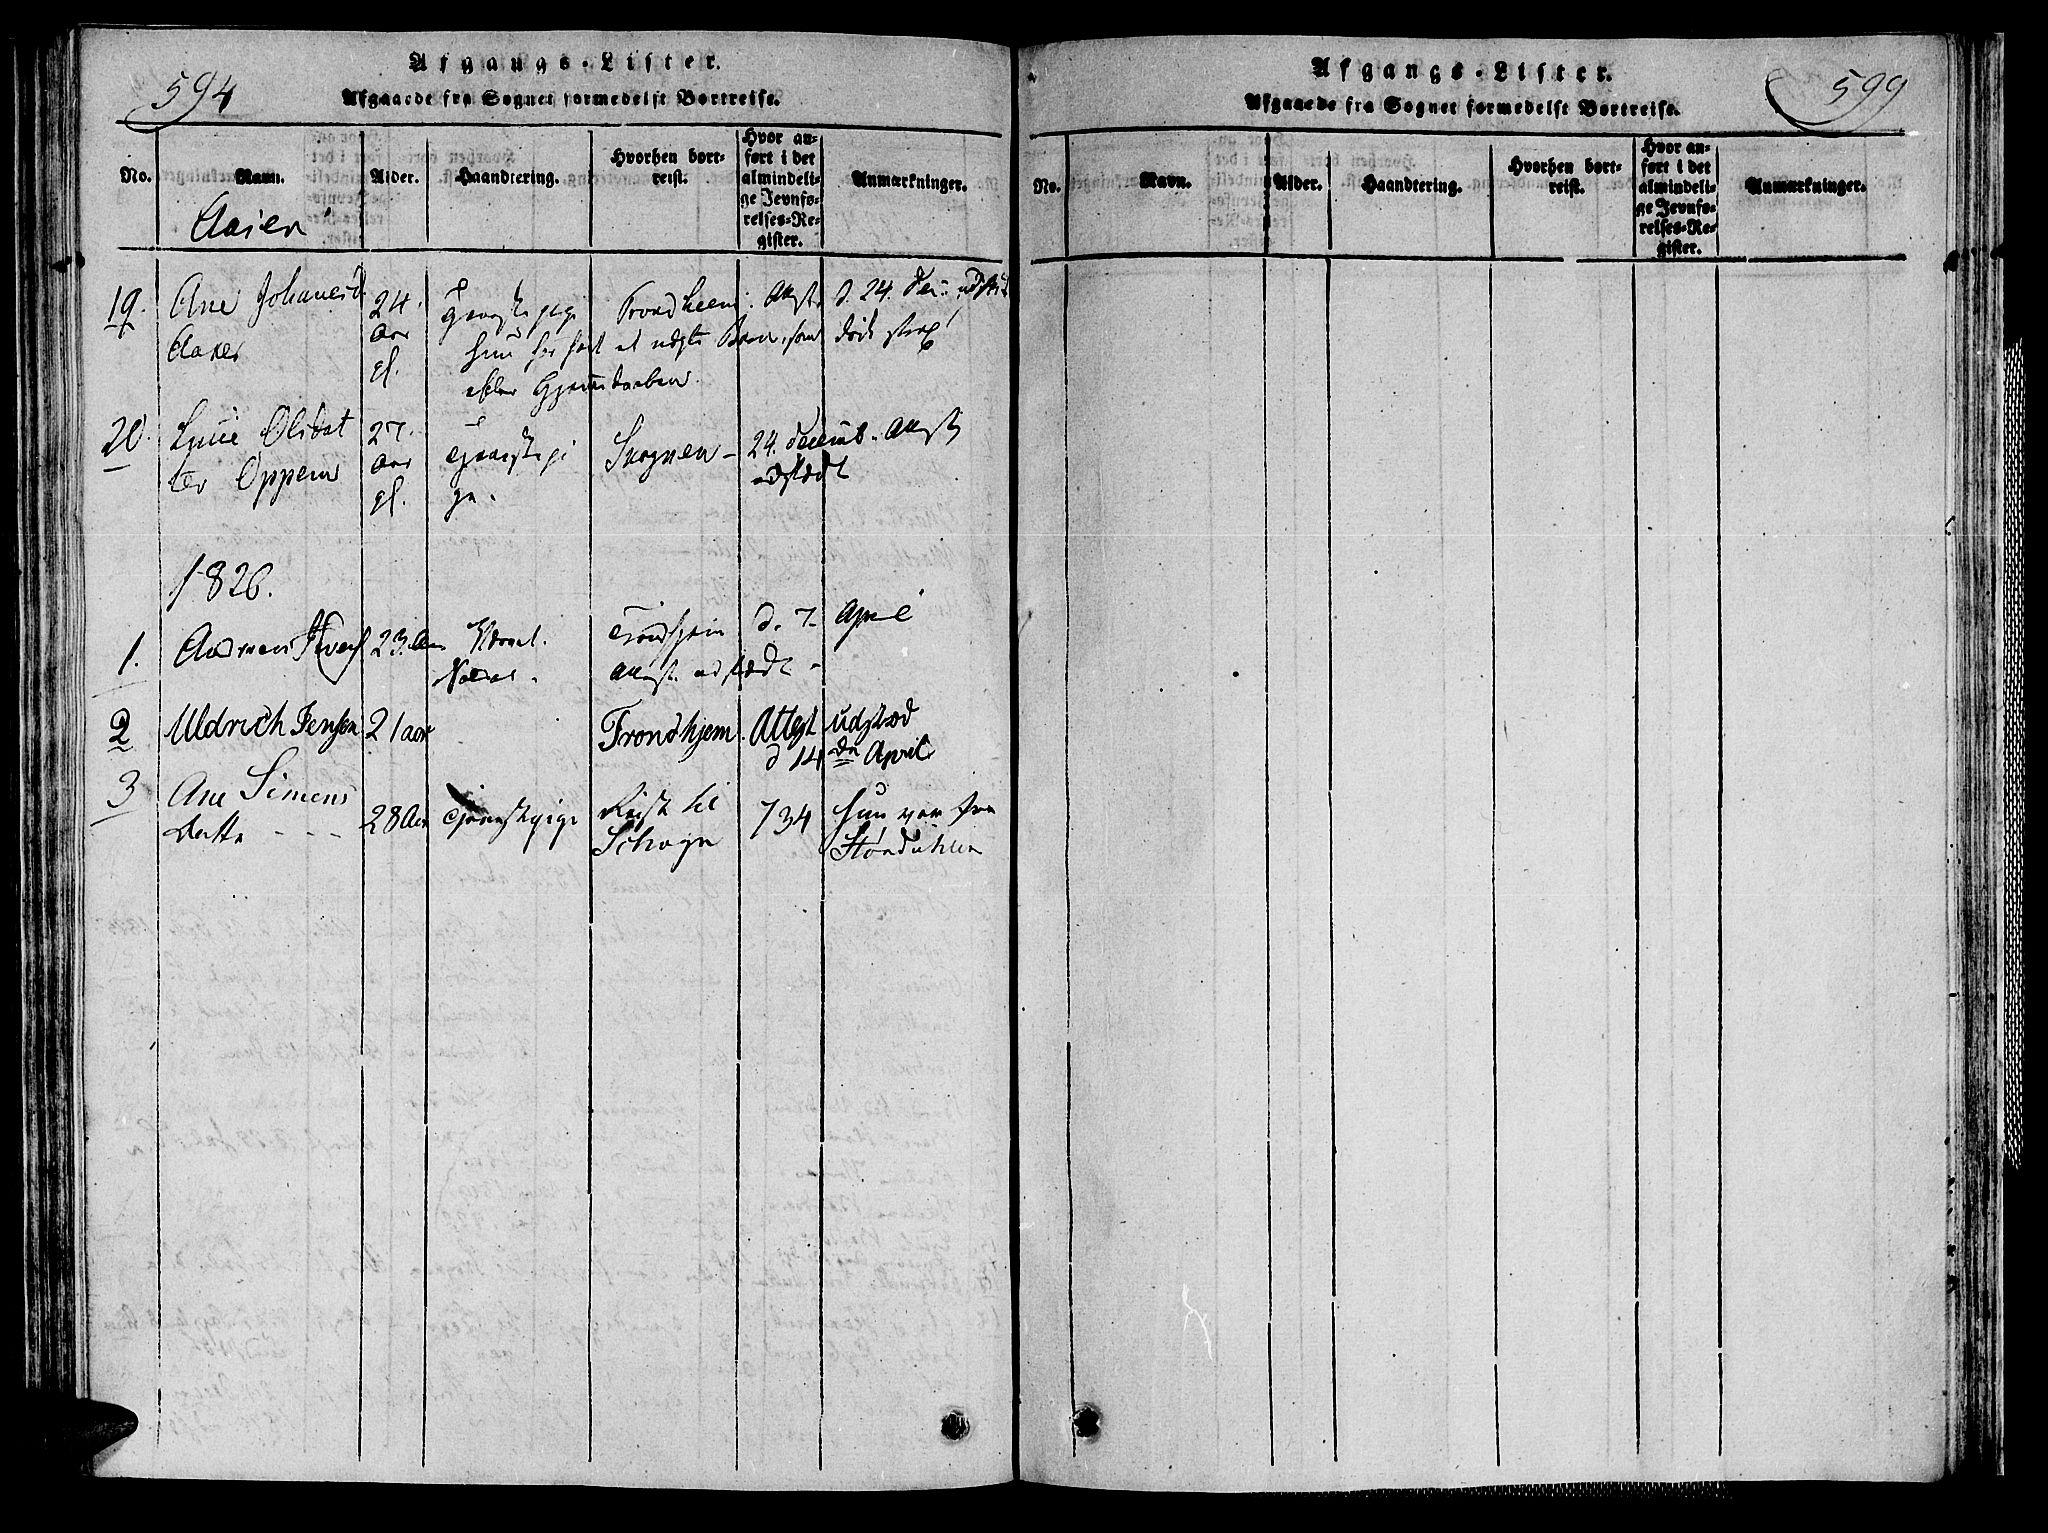 SAT, Ministerialprotokoller, klokkerbøker og fødselsregistre - Nord-Trøndelag, 713/L0112: Ministerialbok nr. 713A04 /2, 1817-1827, s. 594-599